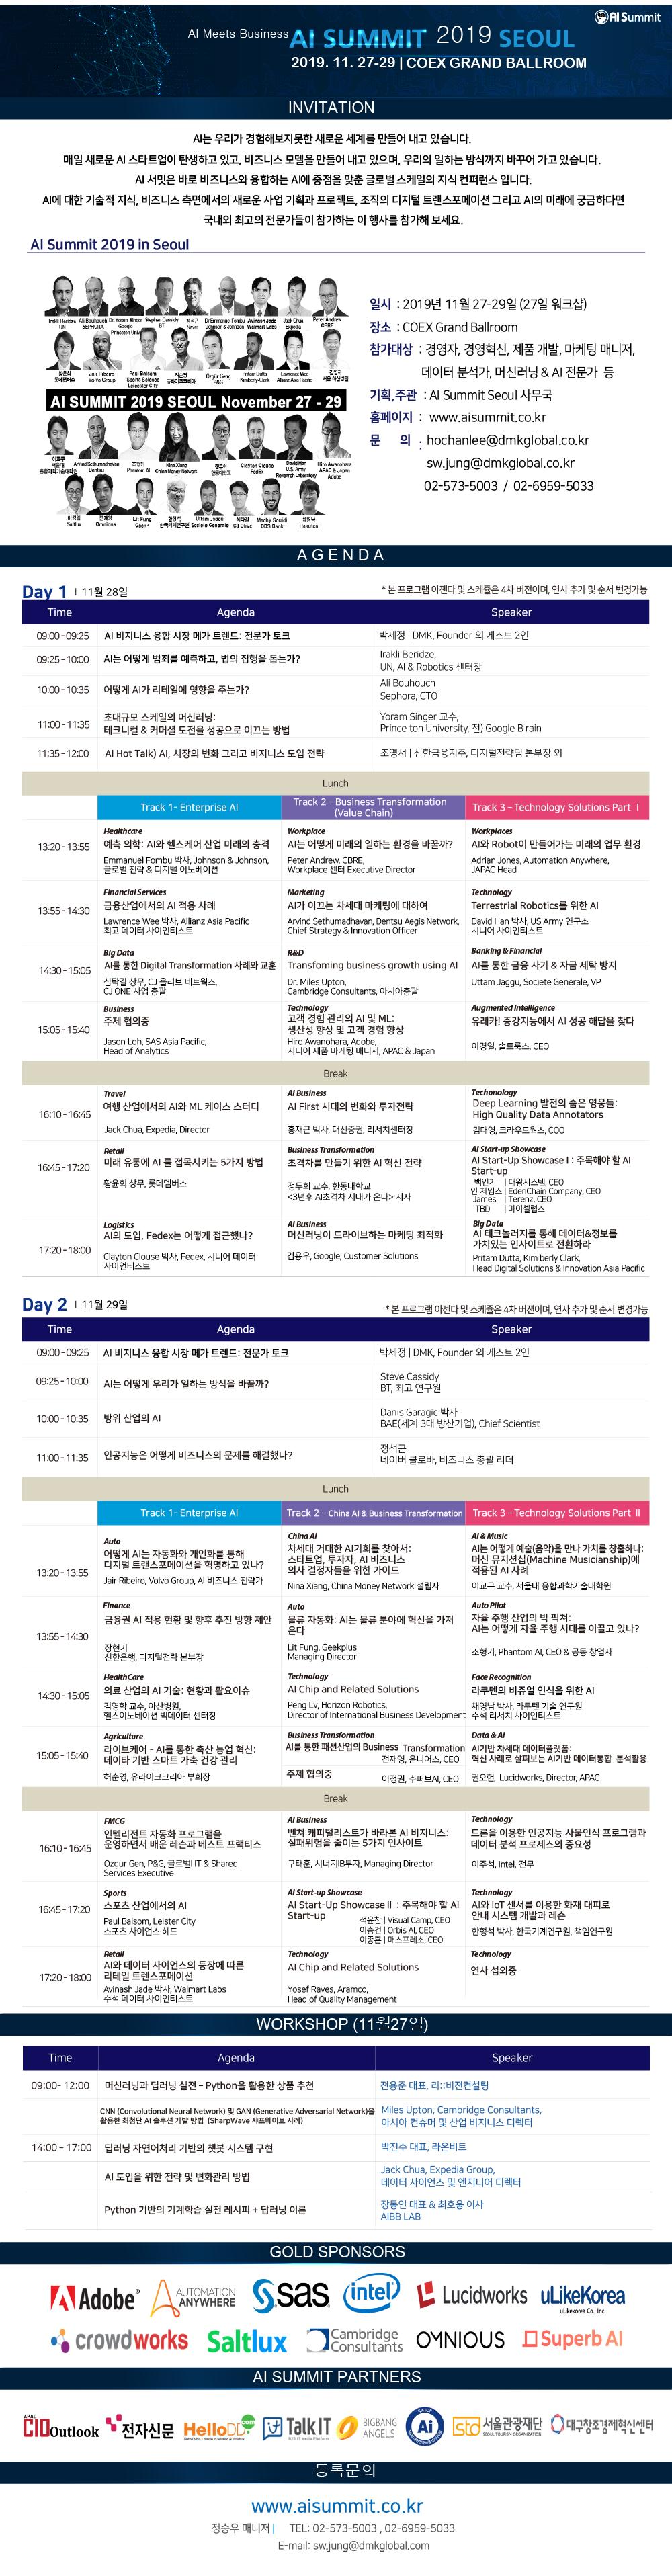 Programme-_KOR-_1025.png